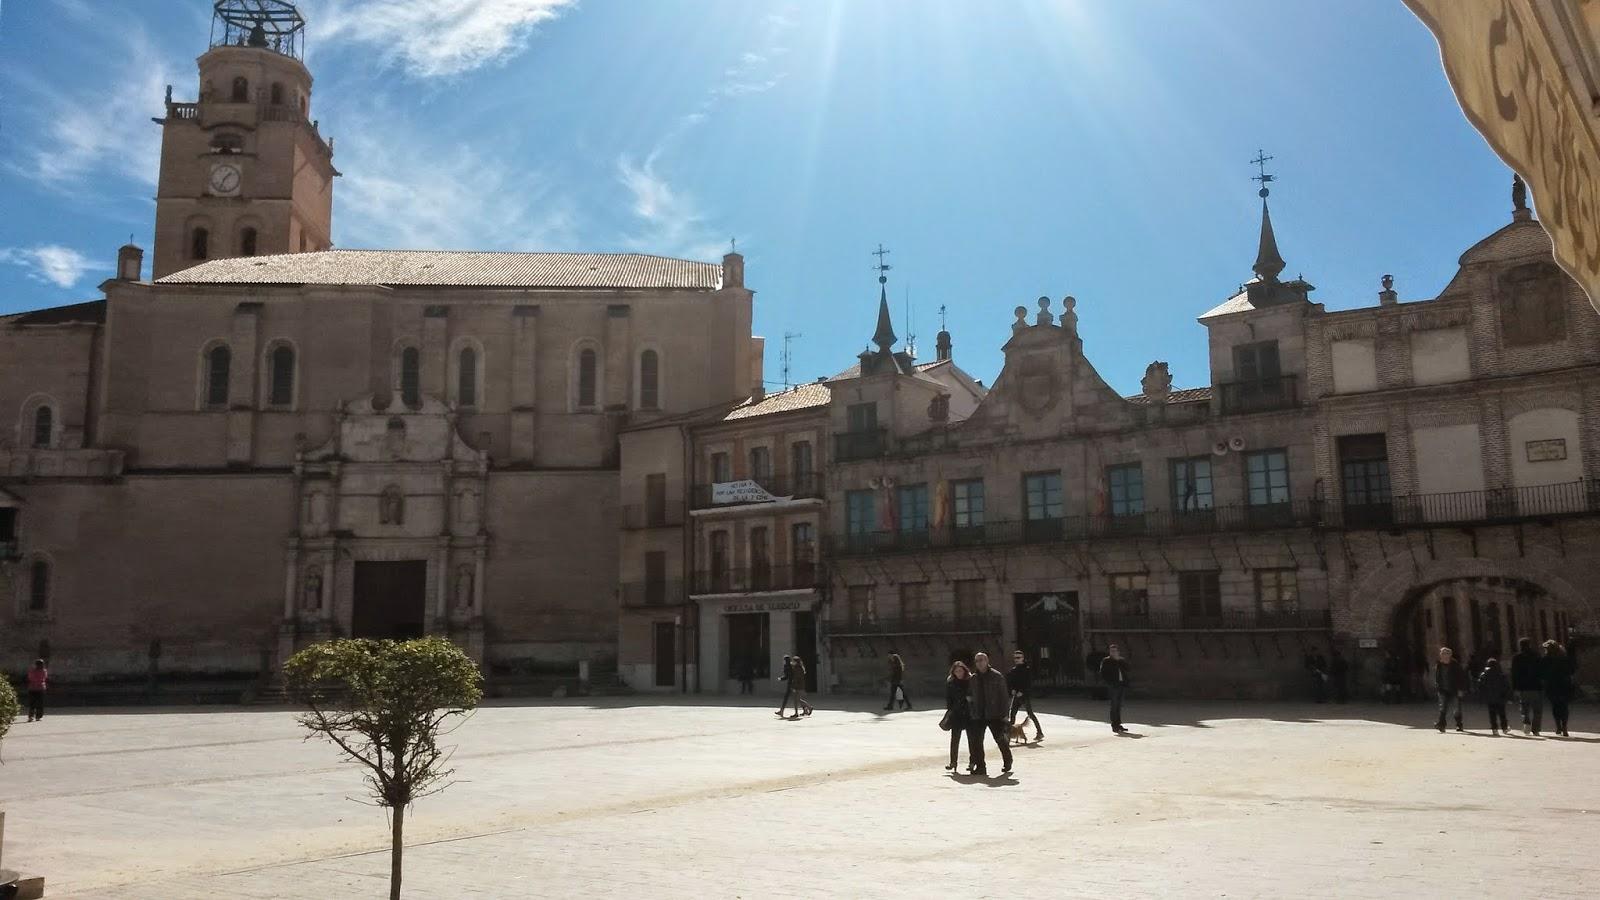 Torre y Colegiata de San Antolín y Casa Consistorial, Medina del Campo